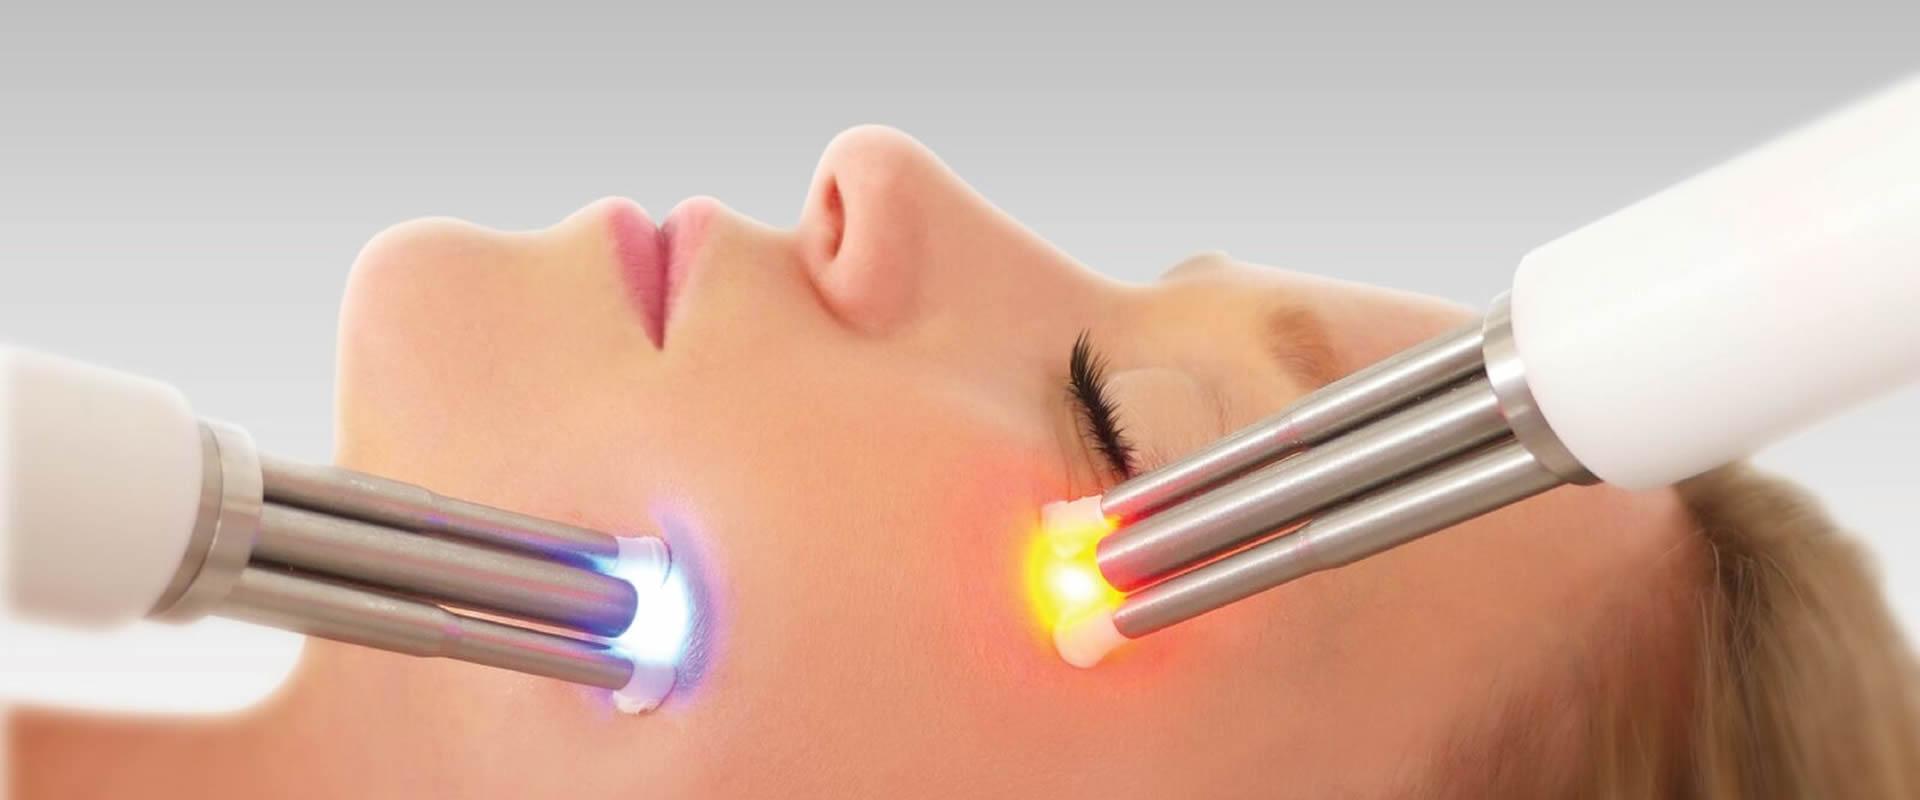 CACI Non-Surgical Facials